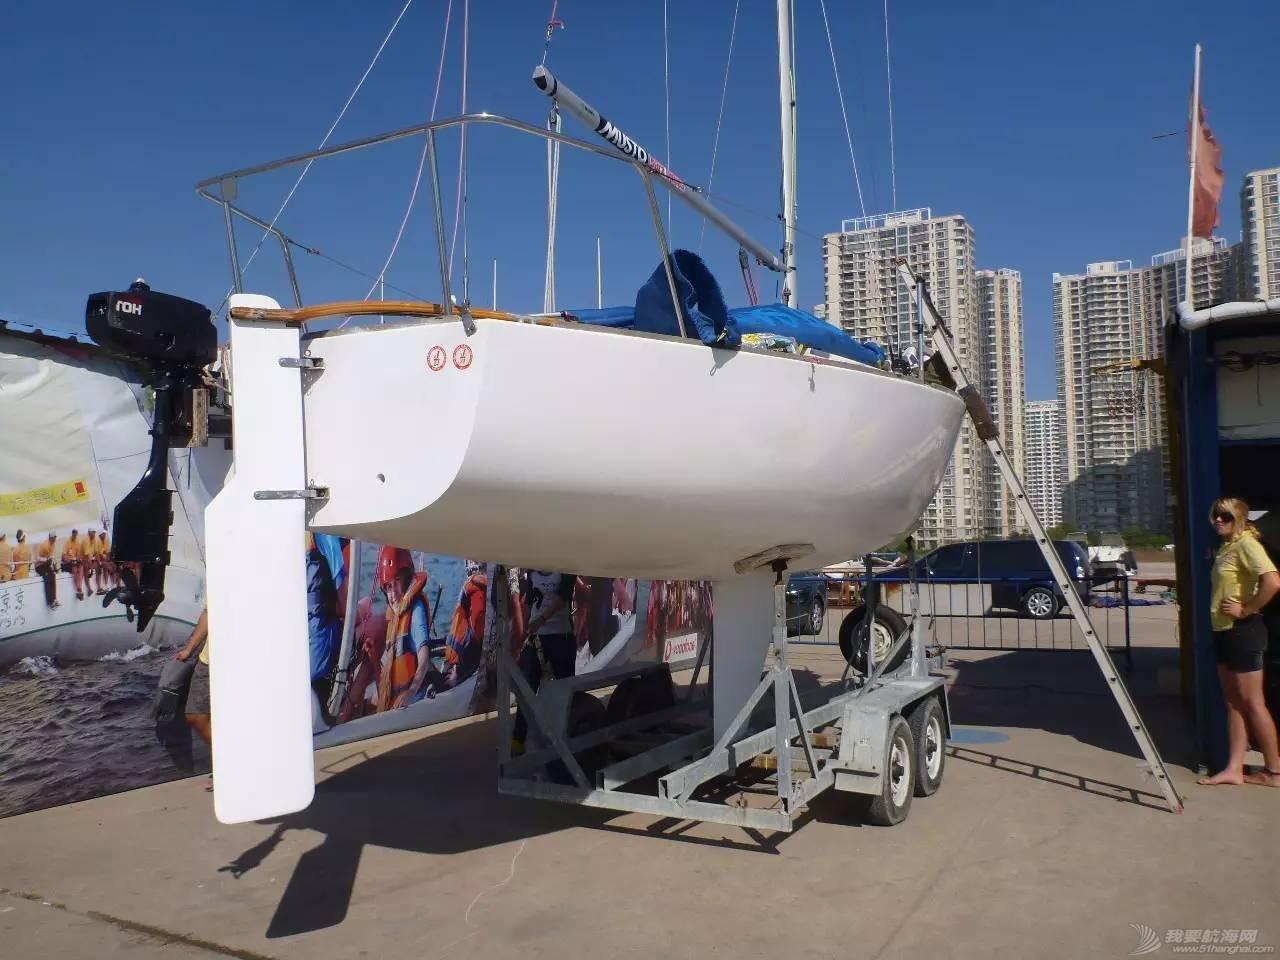 普通人如何起步学习帆船? 6d3047fe697845c37f45001727e9f172.jpg